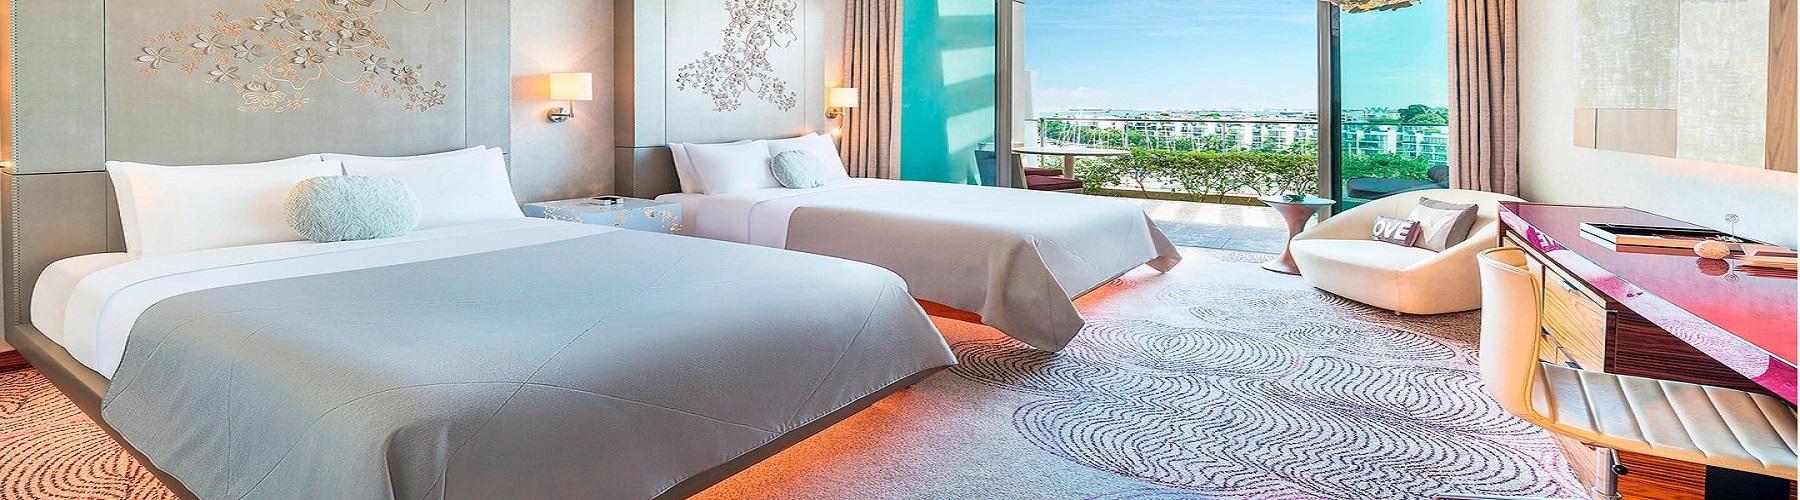 Забронировать номер в отеле W Singapore Sentosa Cove